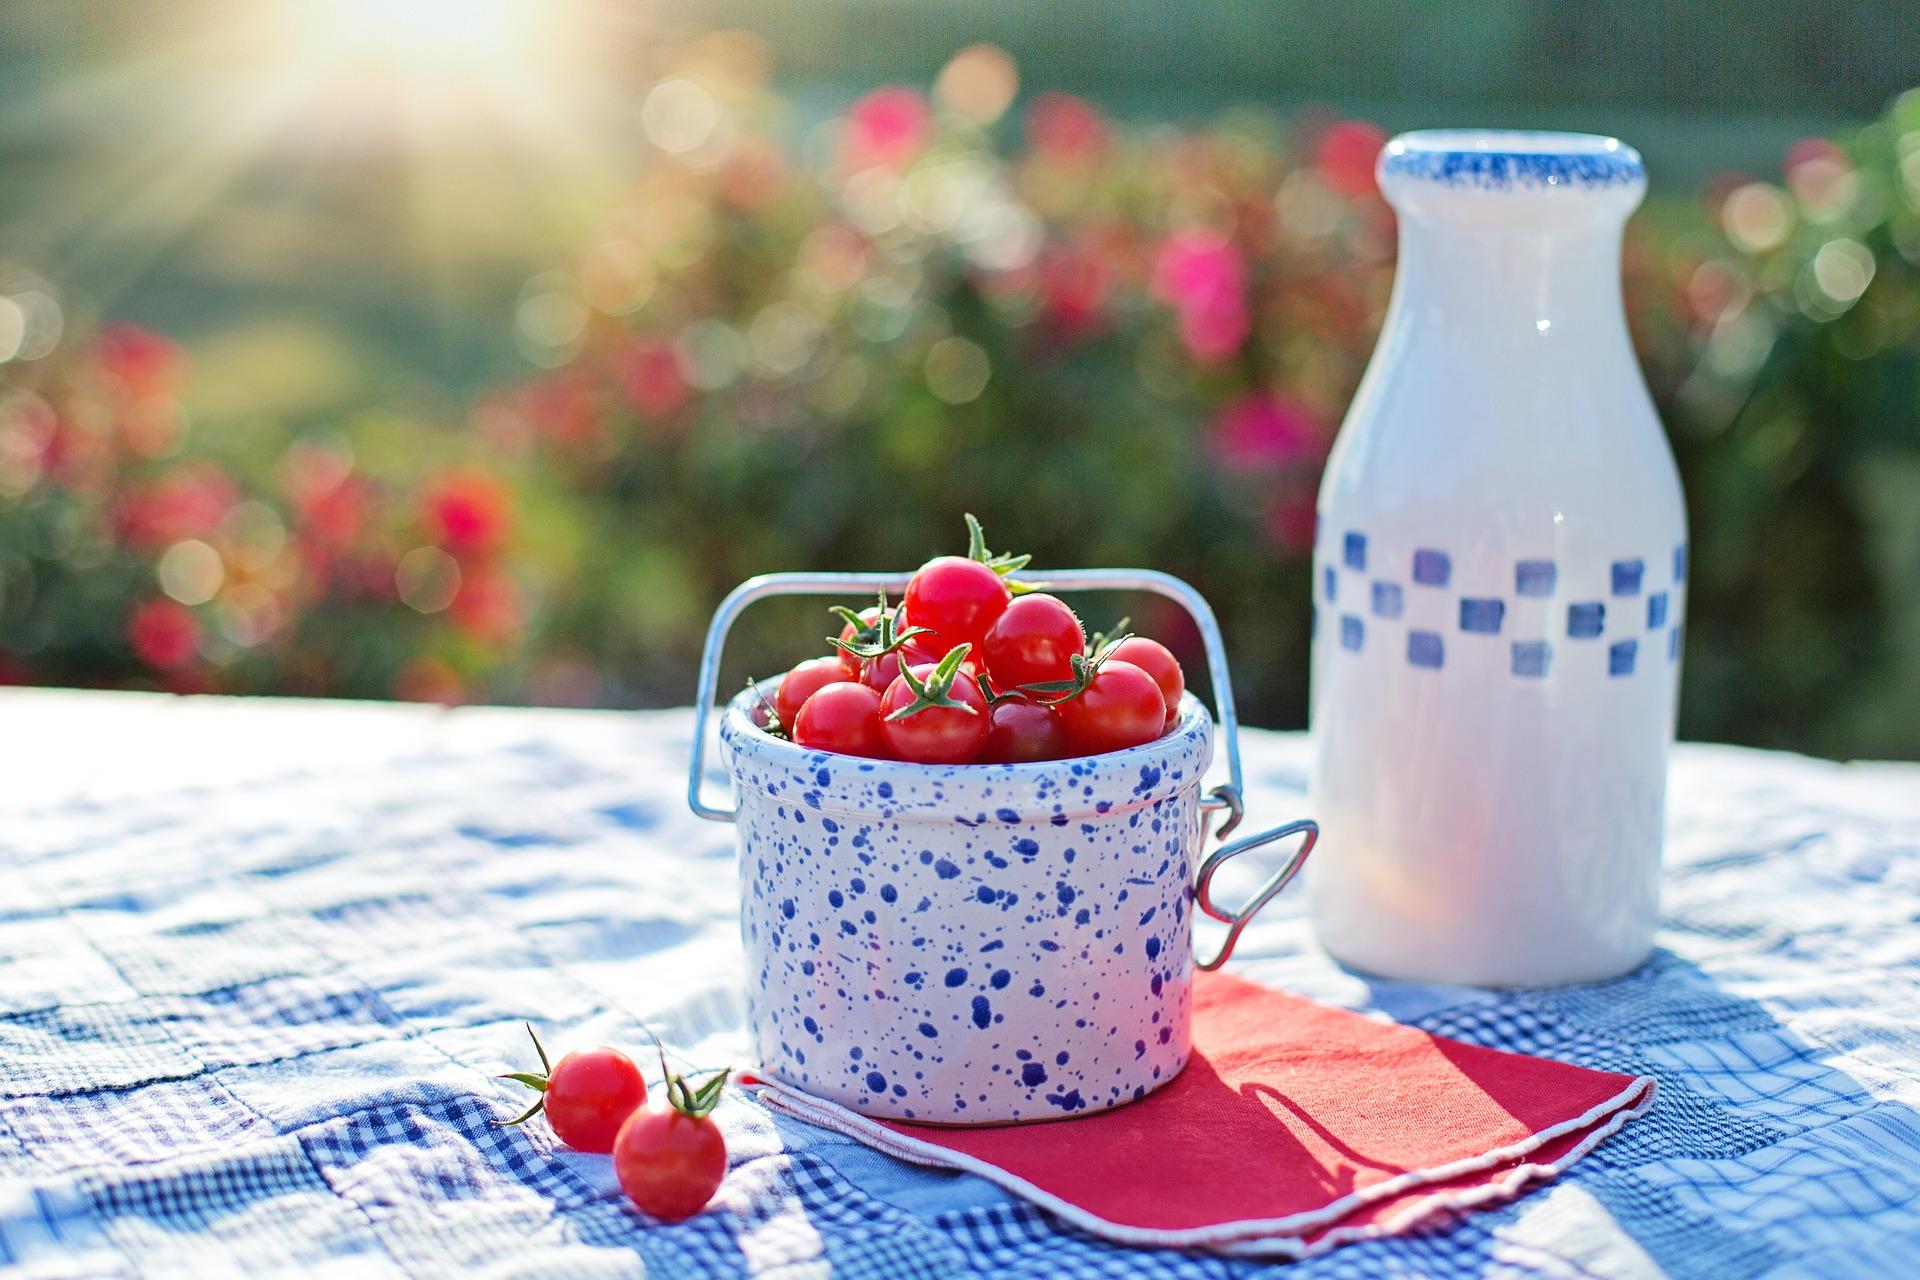 cherry-tomatoes-2566458_1920 (1).jpg